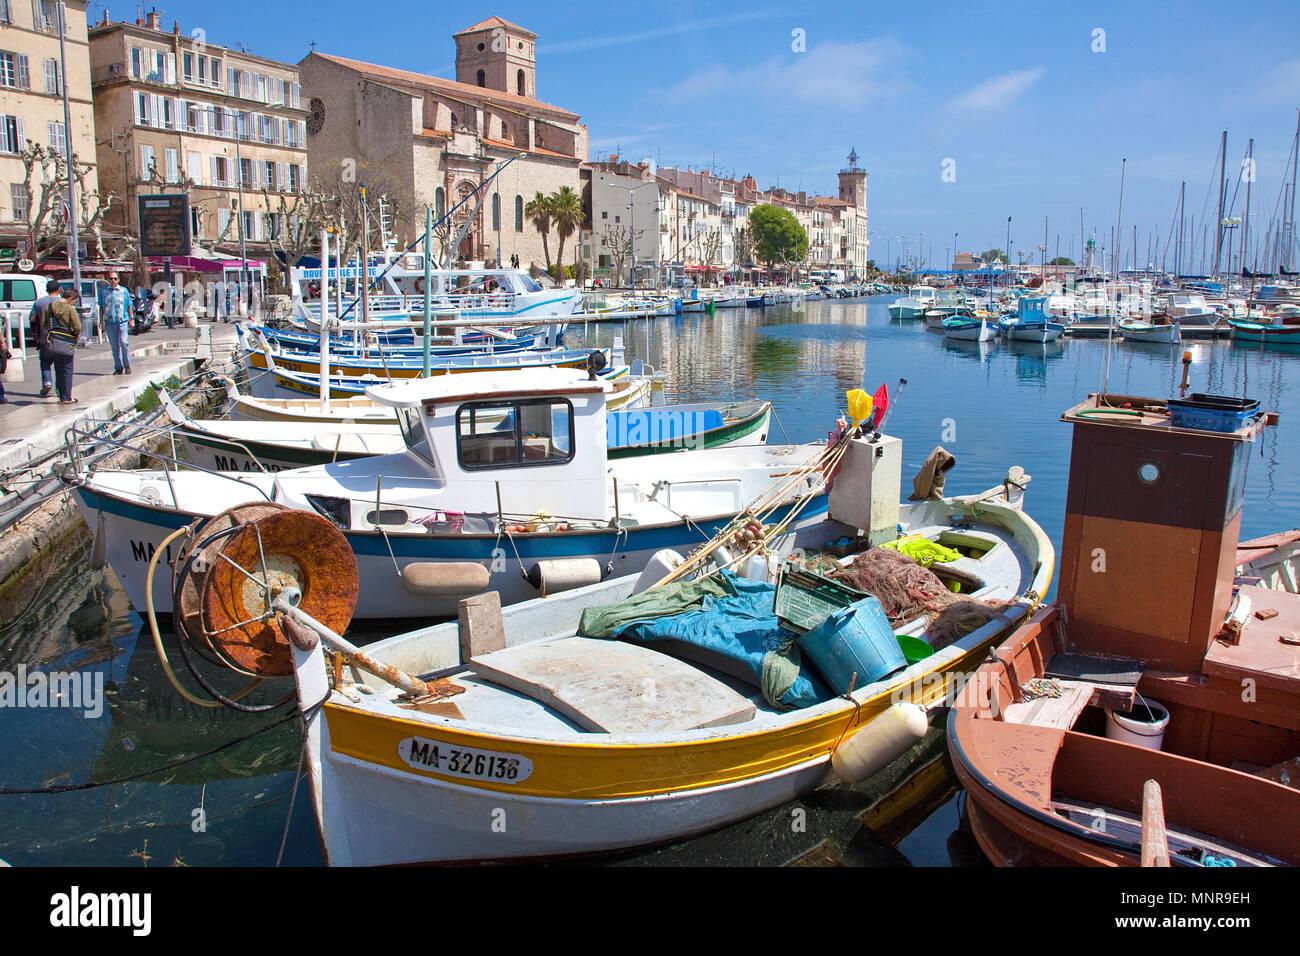 Fishing harbour of La Ciotat, Bouches-du-Rhone, Provence-Alpes-Côte d'Azur, South France, France, Europe Stock Photo